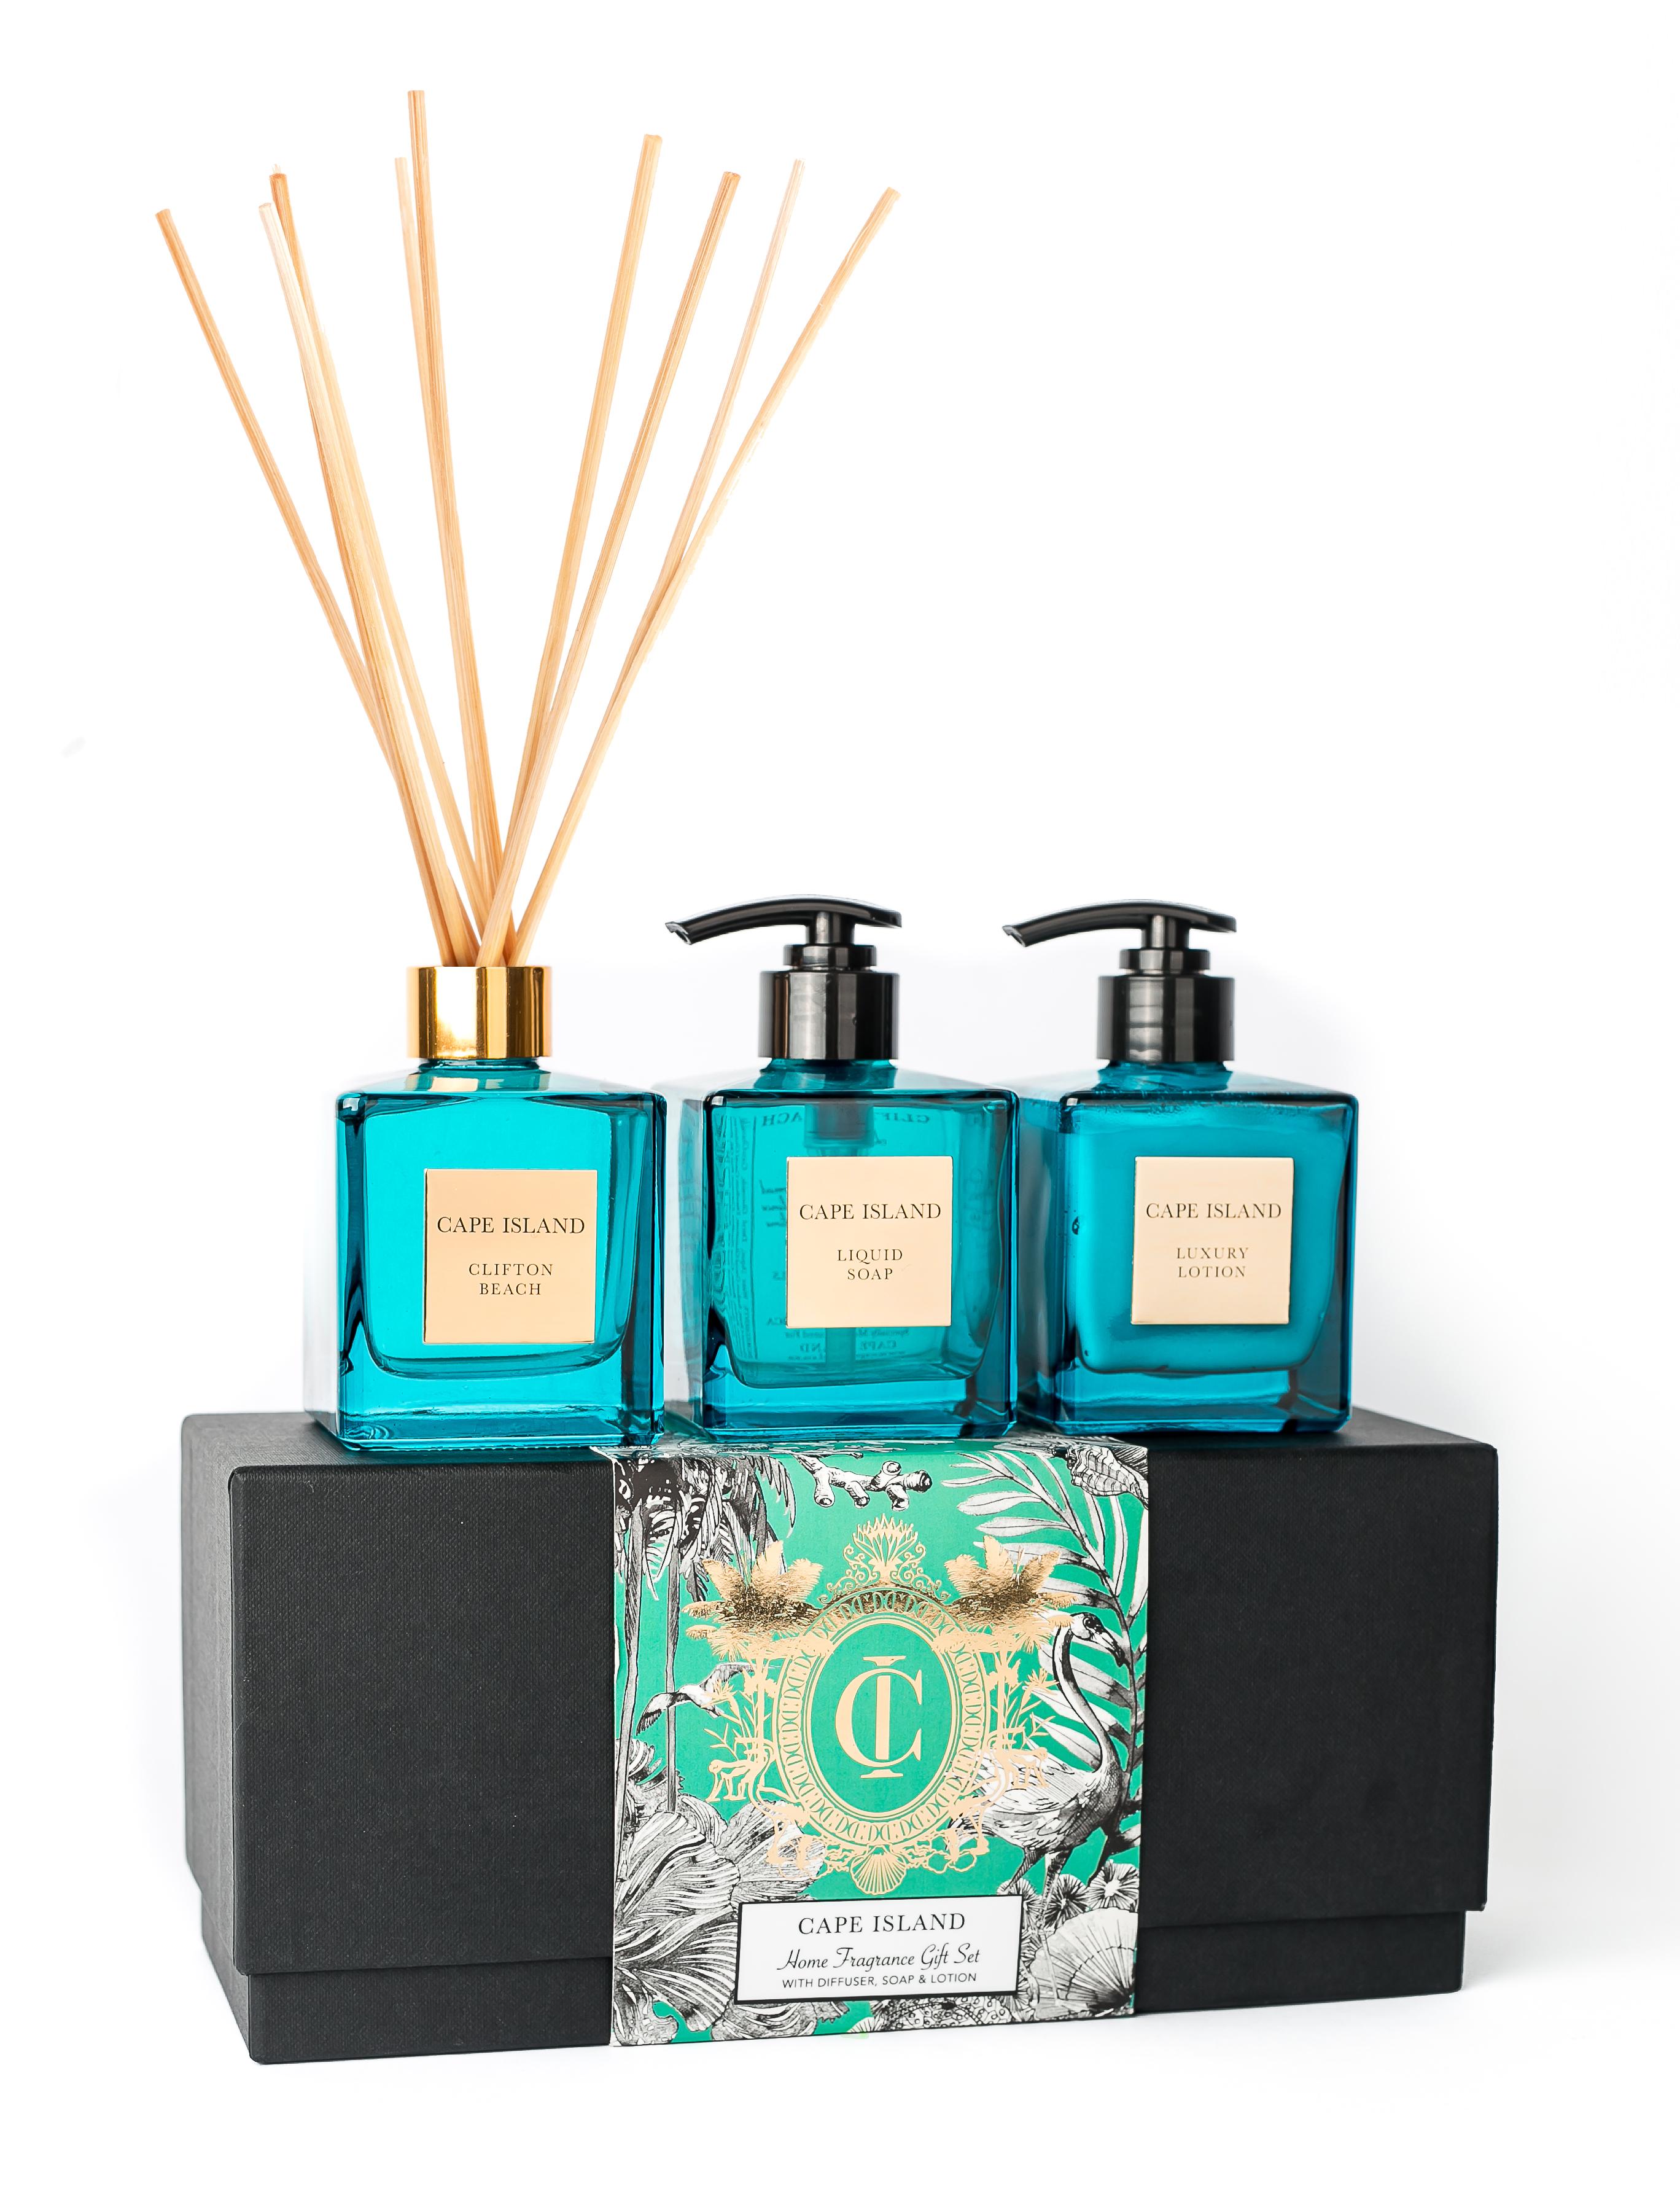 Clifton Beach Soap, lotion, 150ml Diffuser